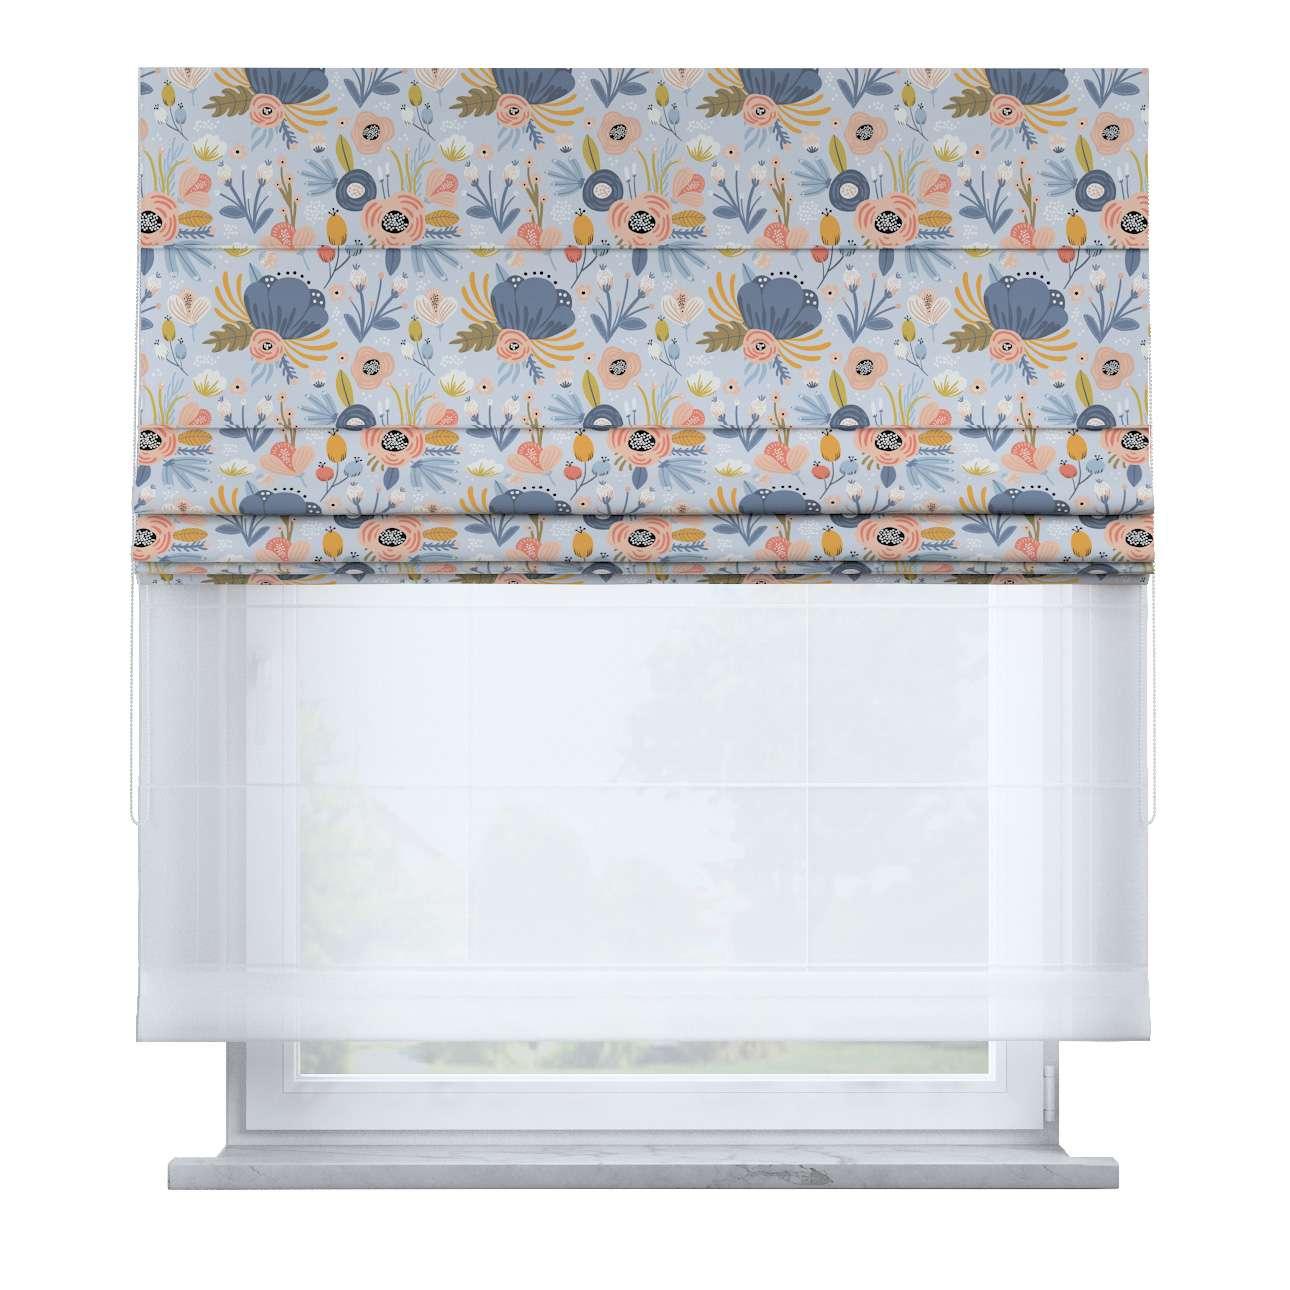 Raffrollo Duo 130×170cm von der Kollektion Magic Collection, Stoff: 500-05